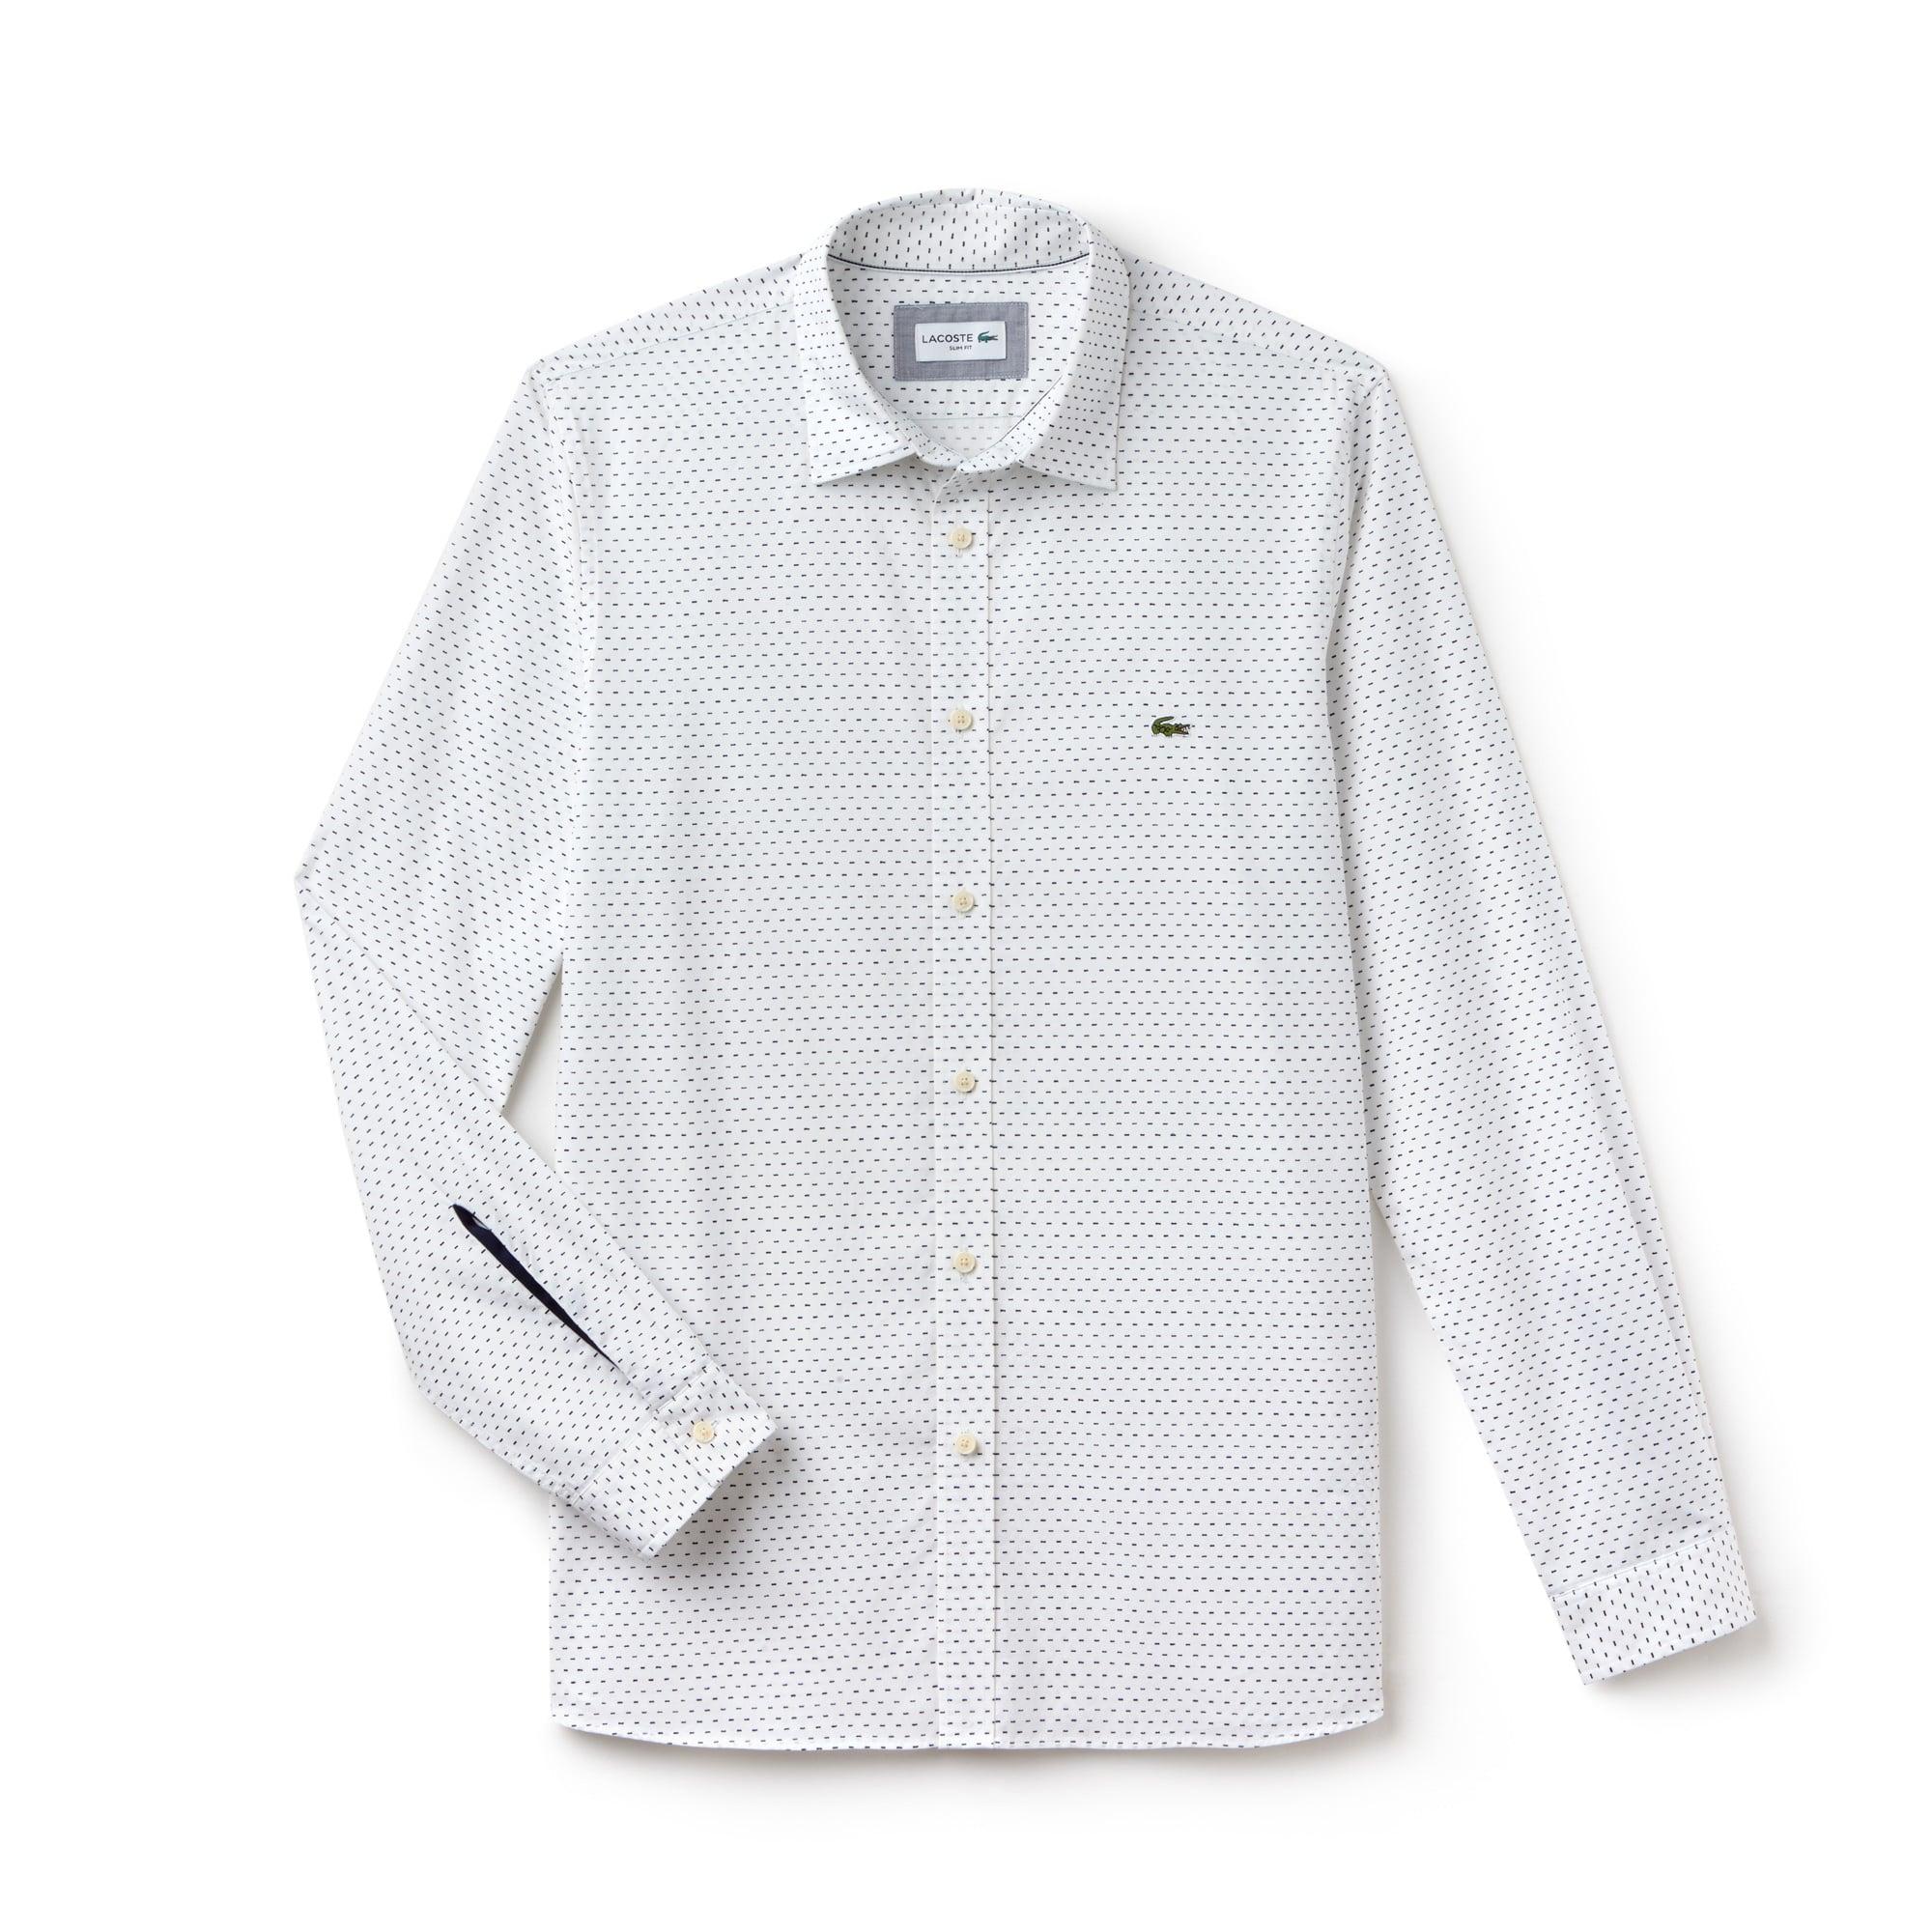 Hombre Lacoste Para Hombre Camisas Moda Camisas Hombre Moda Camisas Lacoste Para Camisas Lacoste Para Moda 8dpX1qq